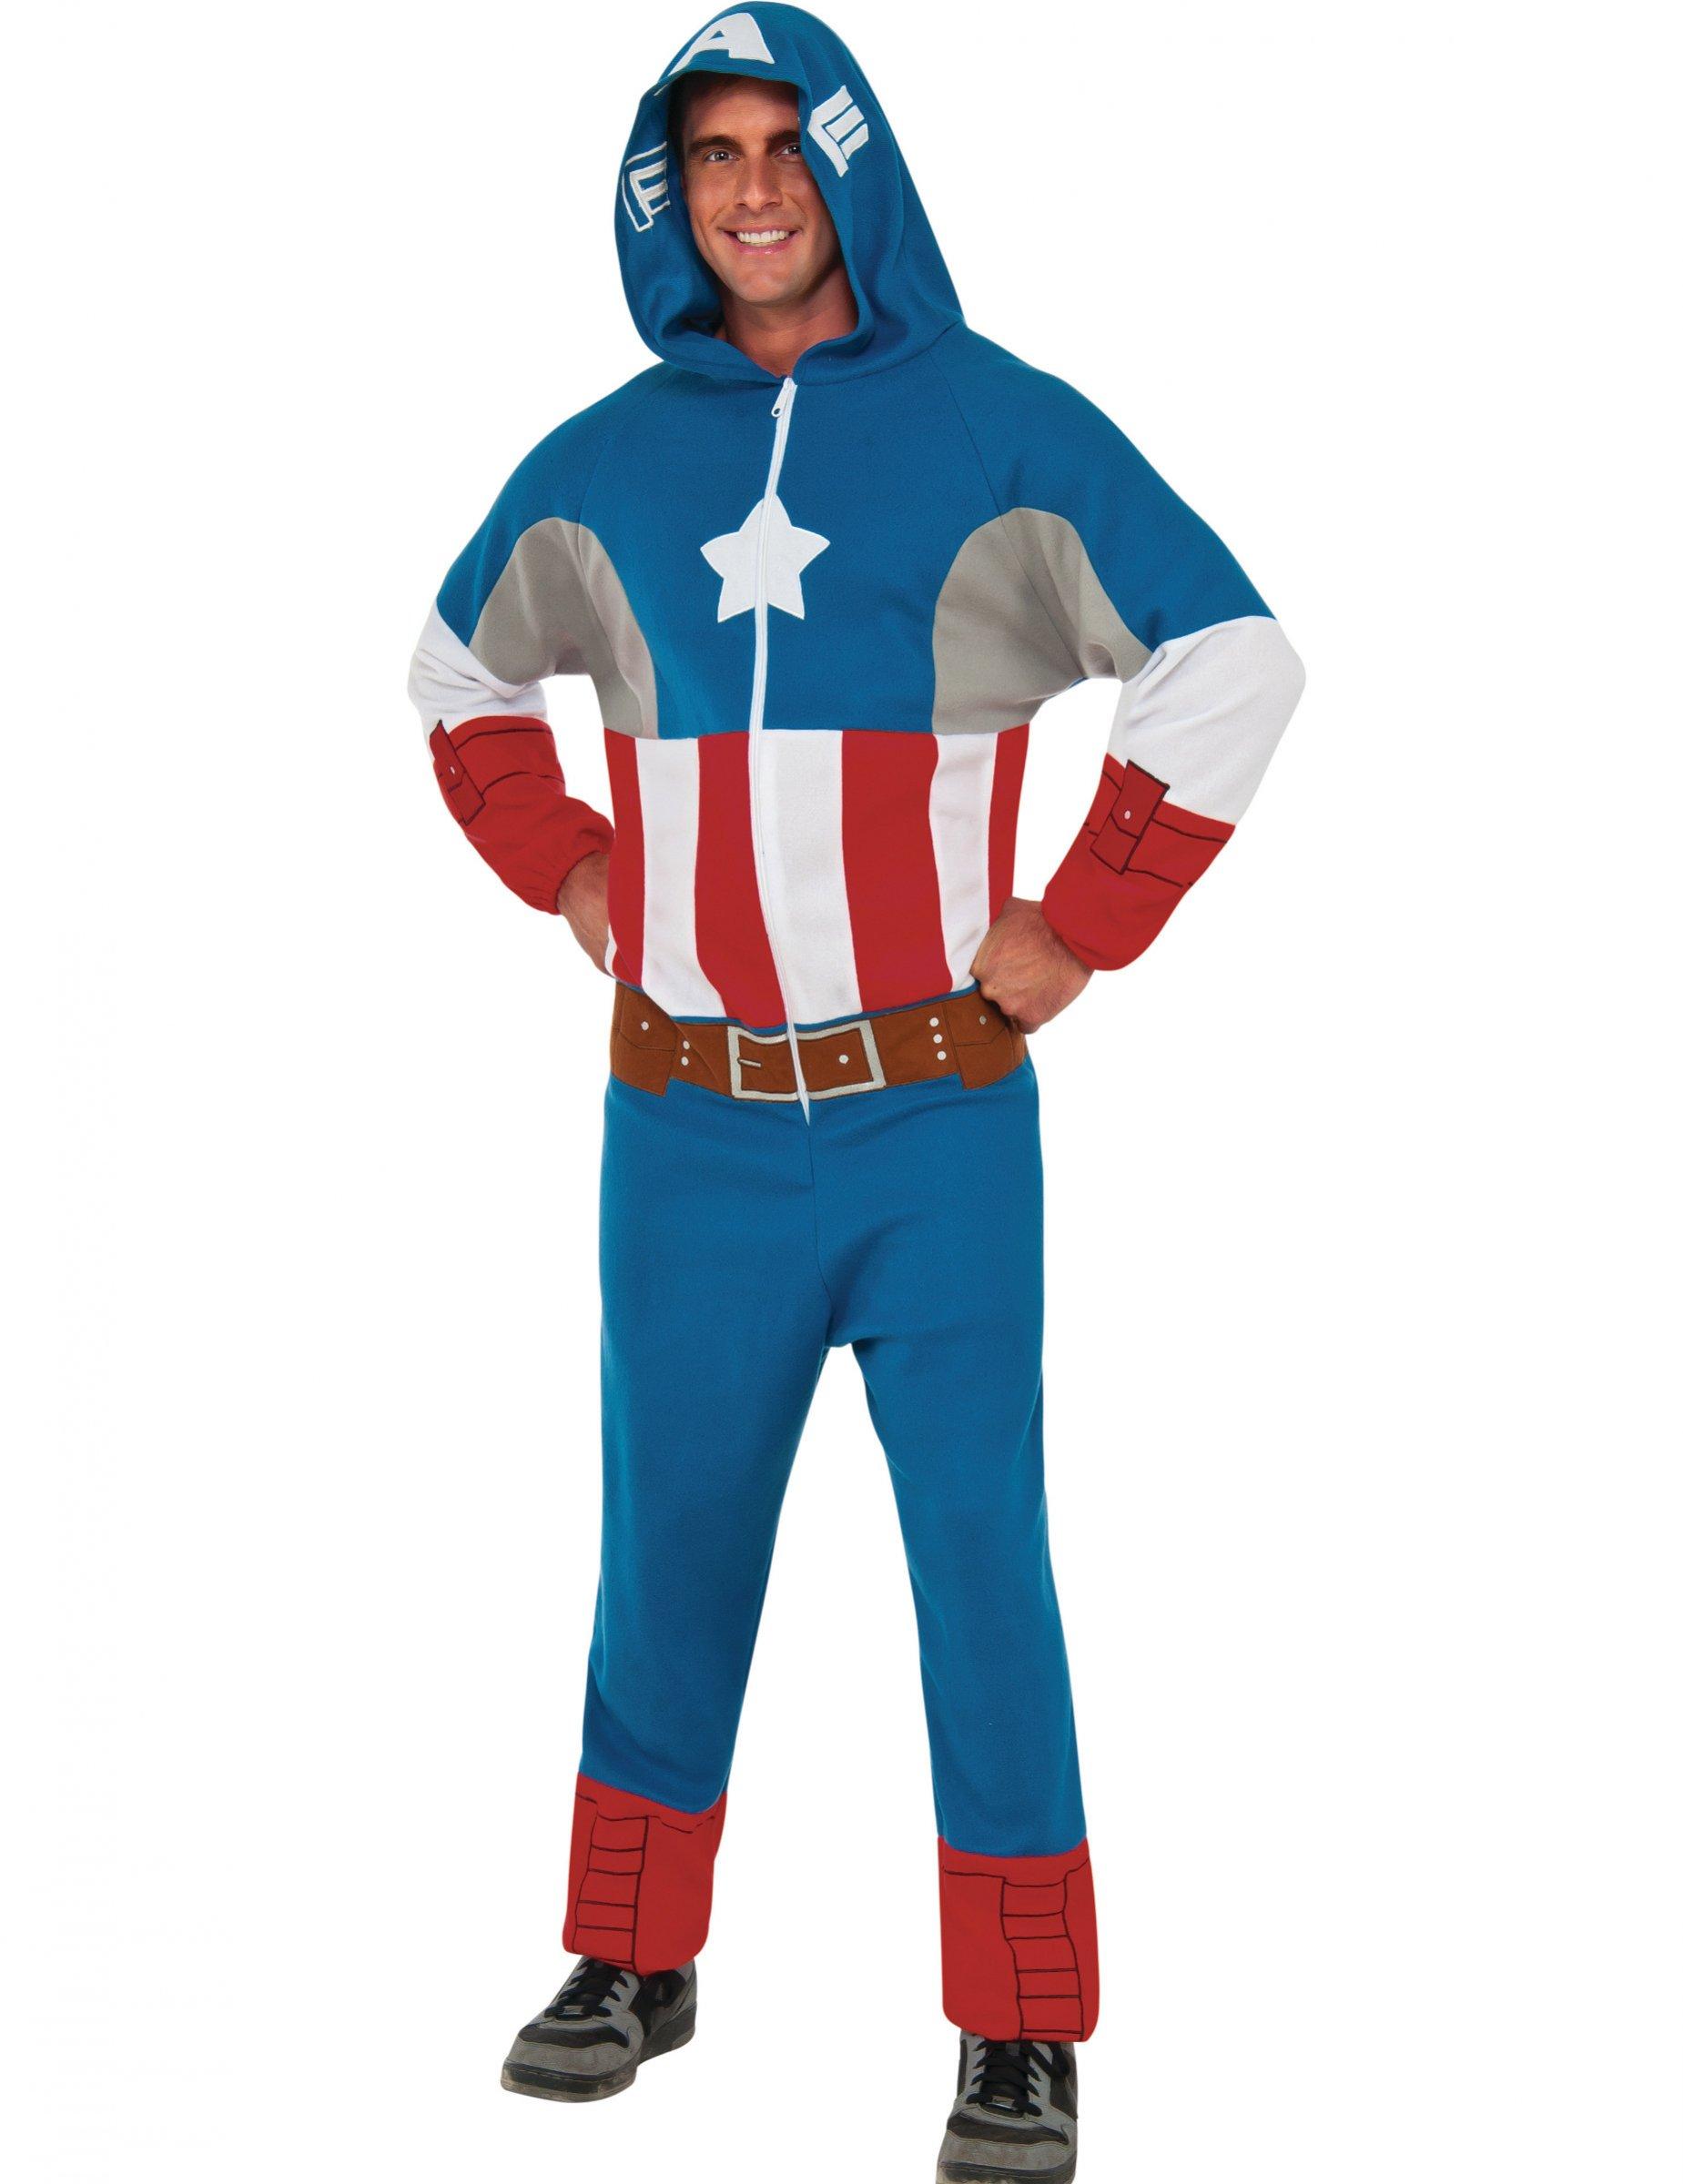 Verrassend Captain America™ pak met capuchon outfit voor volwassenen RC-15